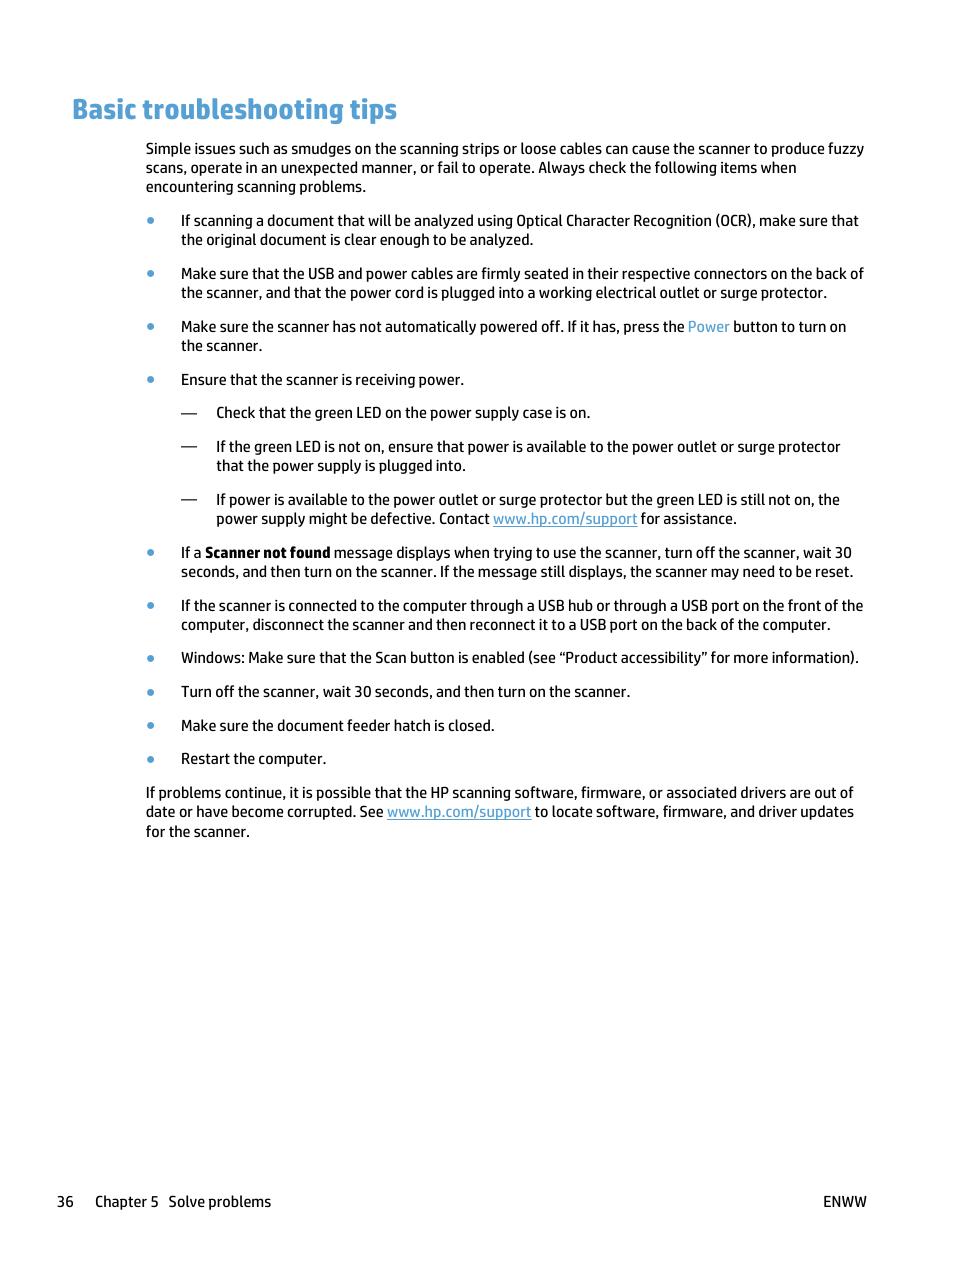 Basic troubleshooting tips | HP ScanJet Pro 4500 fn1 User Manual